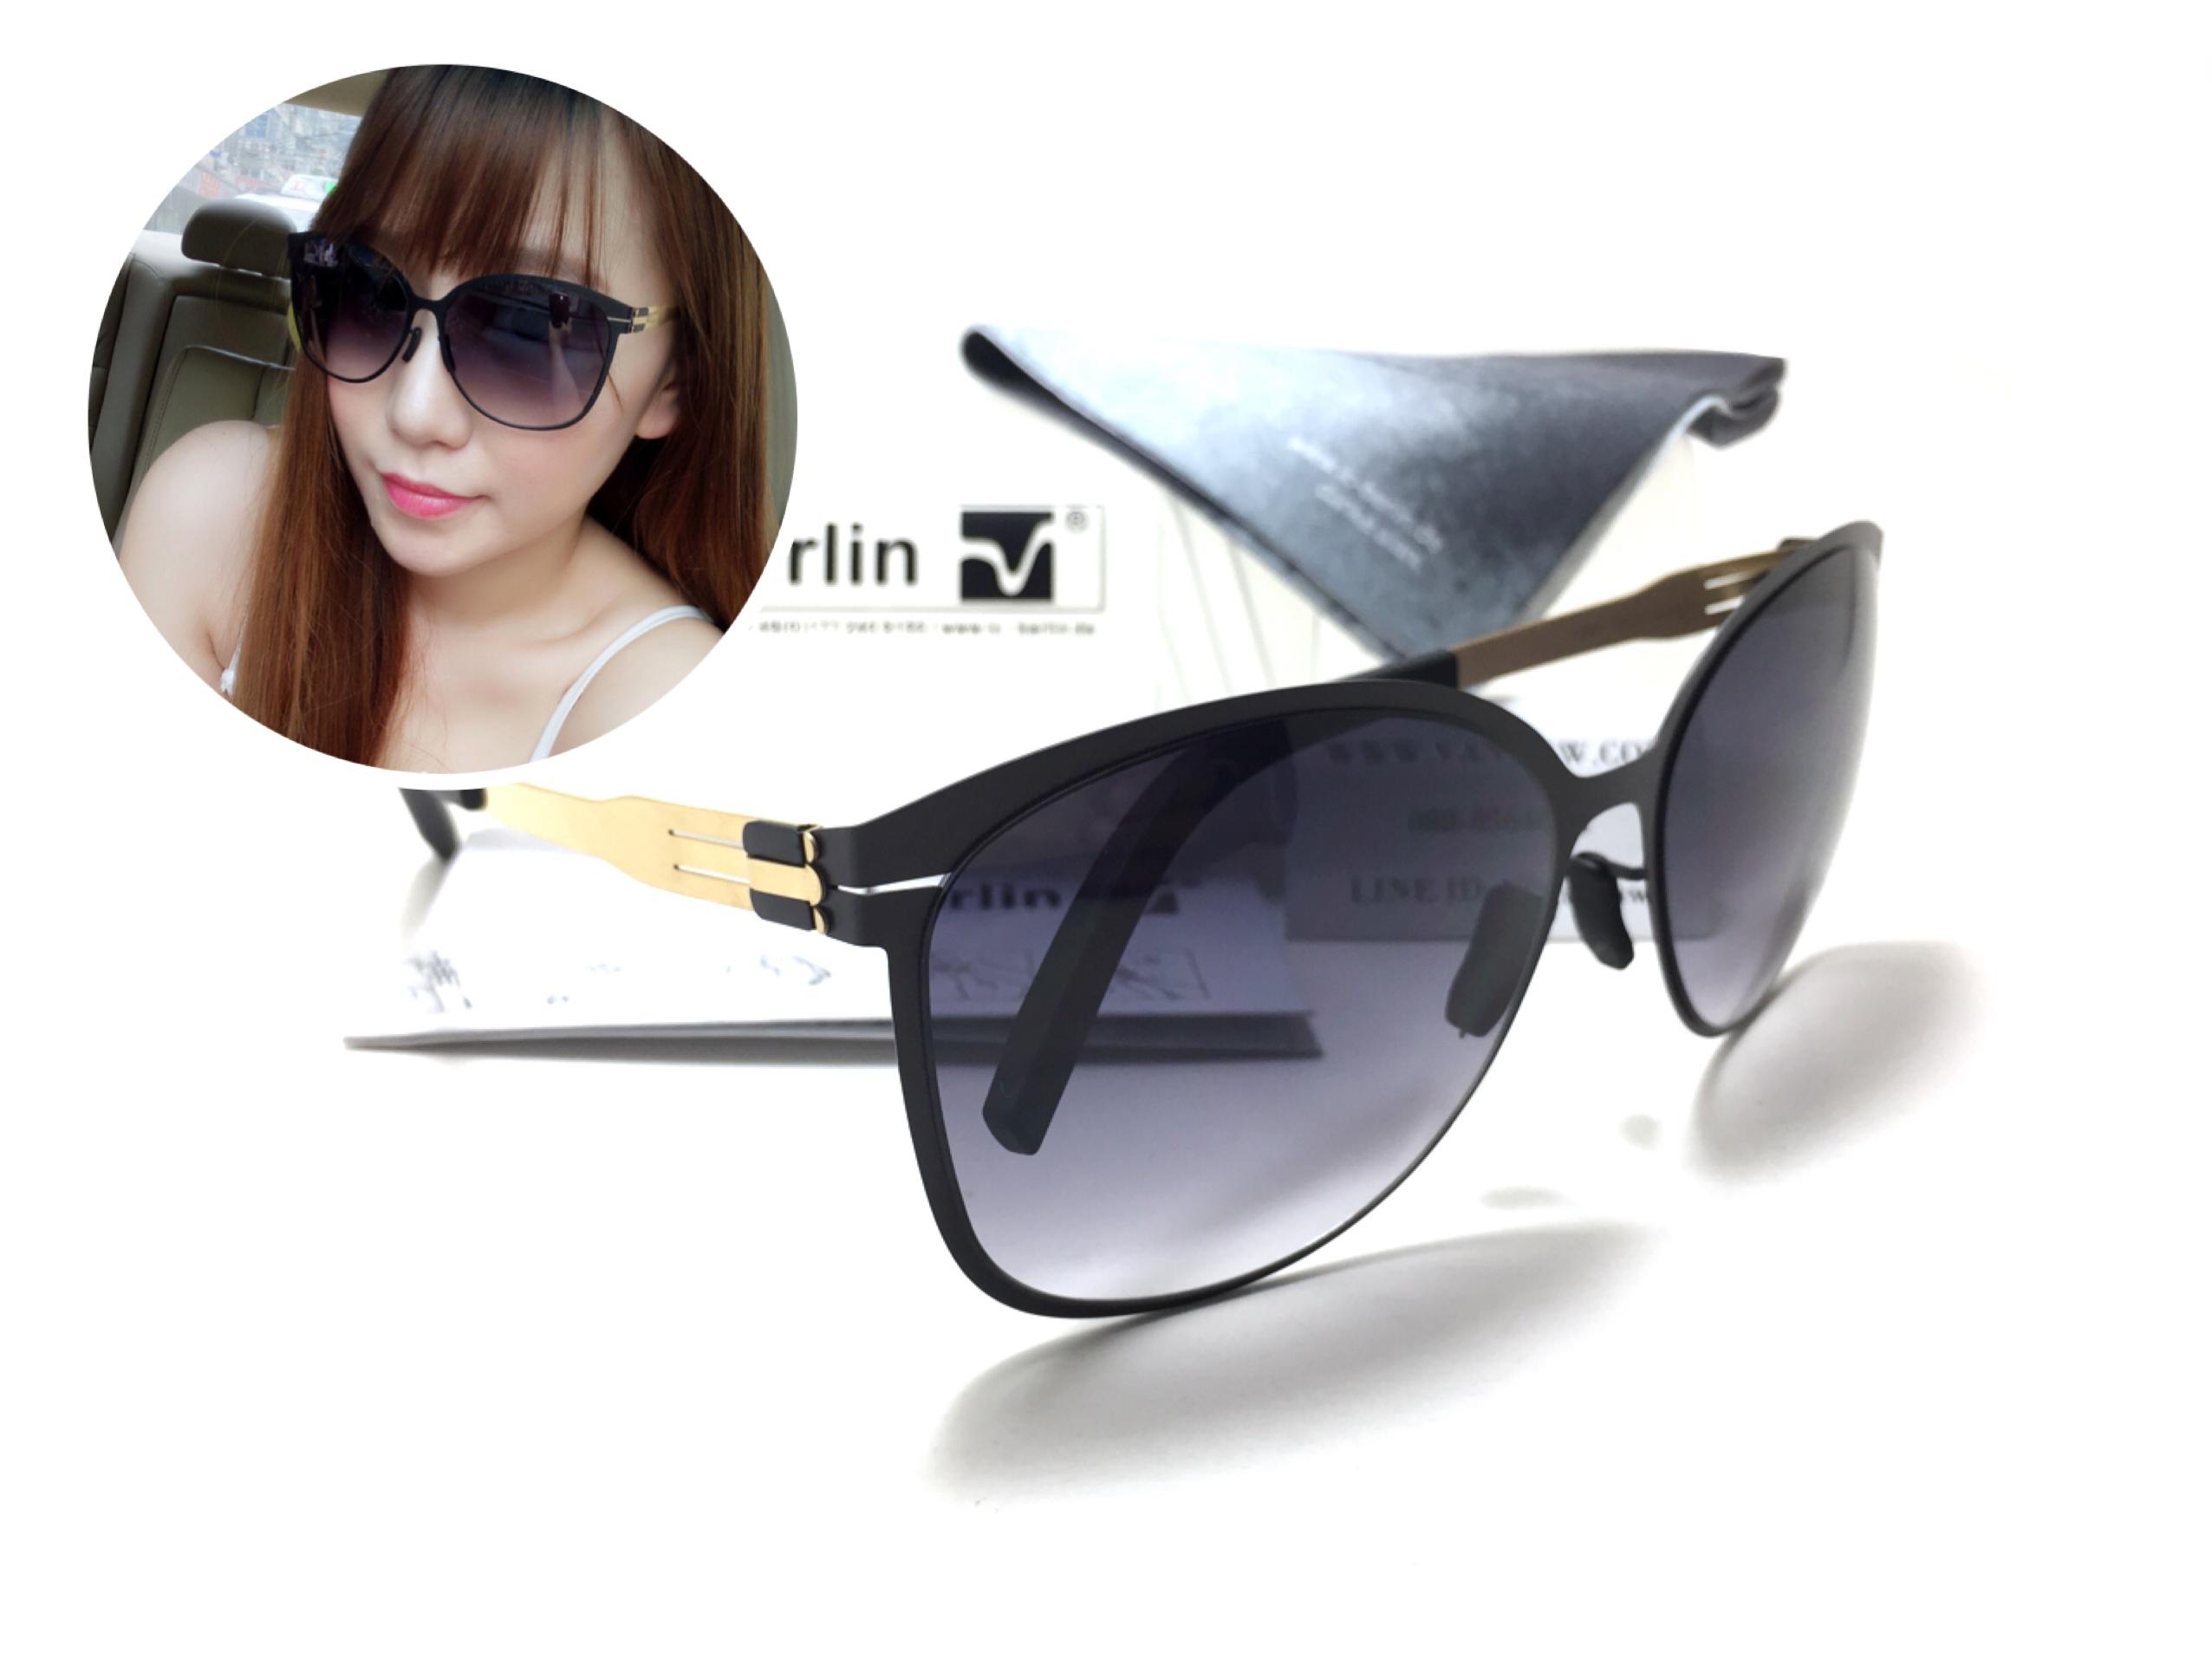 แว่นกันแดด ic berlin model craauante black/Gold 61-14 <ทอง>